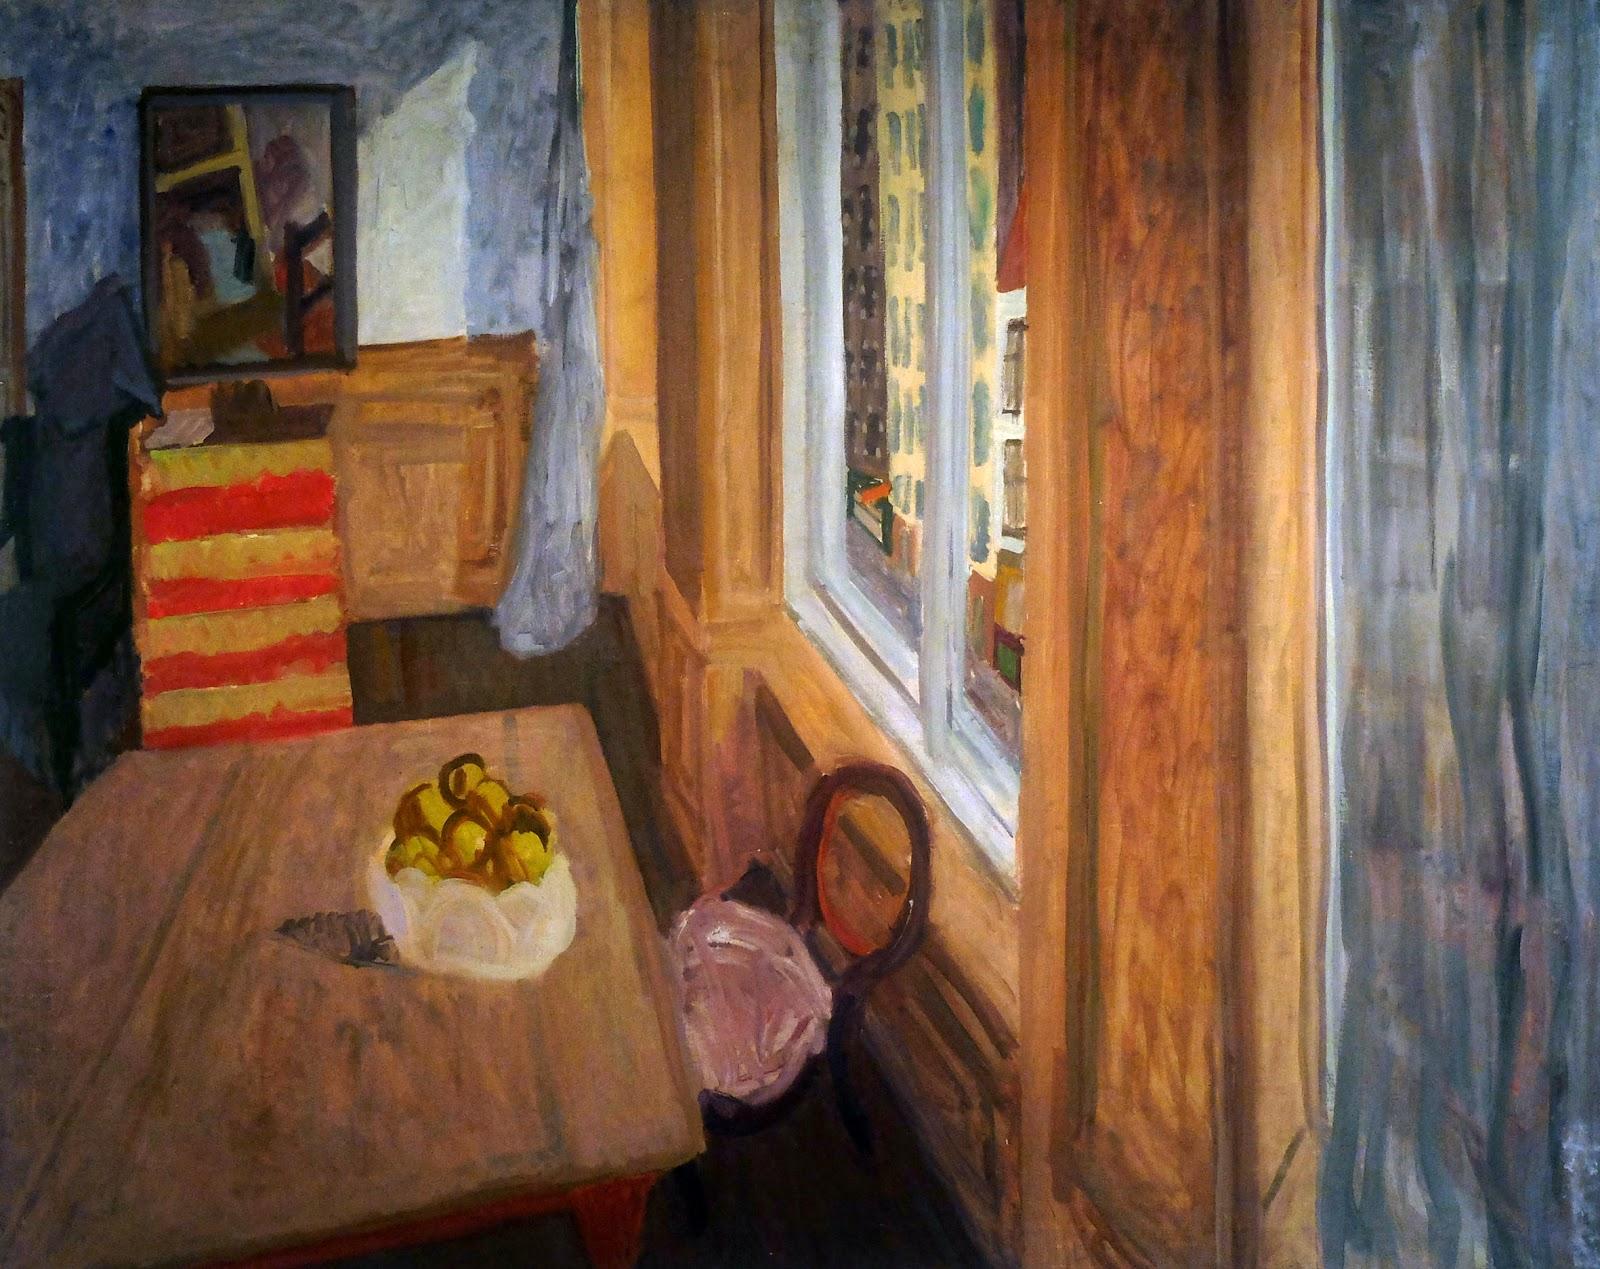 10aed200858 På KunstCentret Silkeborg Bad er der netop blevet åbnet en udstilling, der  viser et bredt antal værker af billedkunstneren Anna Klindt Sørensen  (1899-1985).